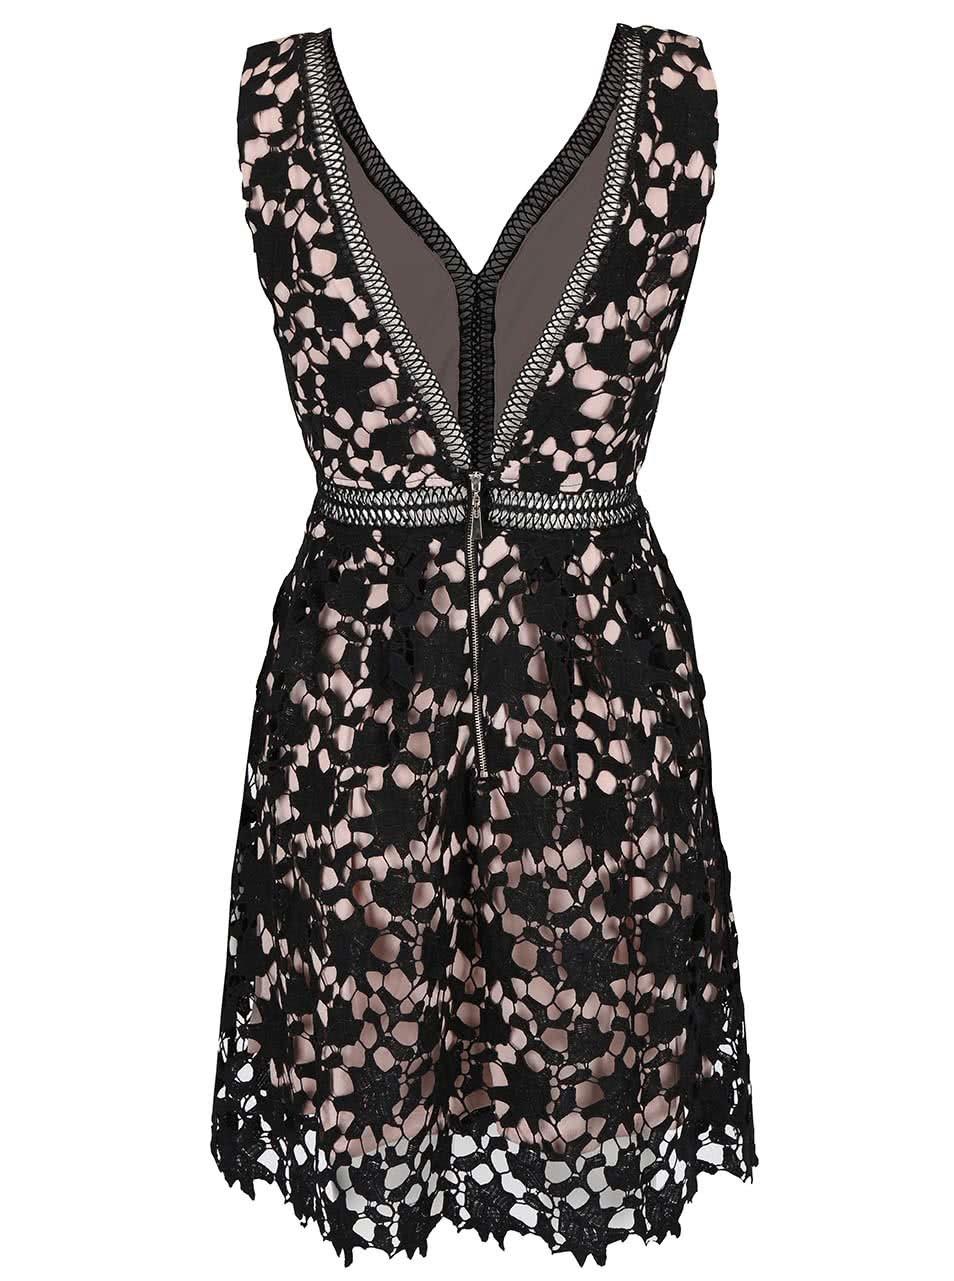 Černé krajkové šaty s hlubokým výstřihem na zádech Apricot ... 00e0590725